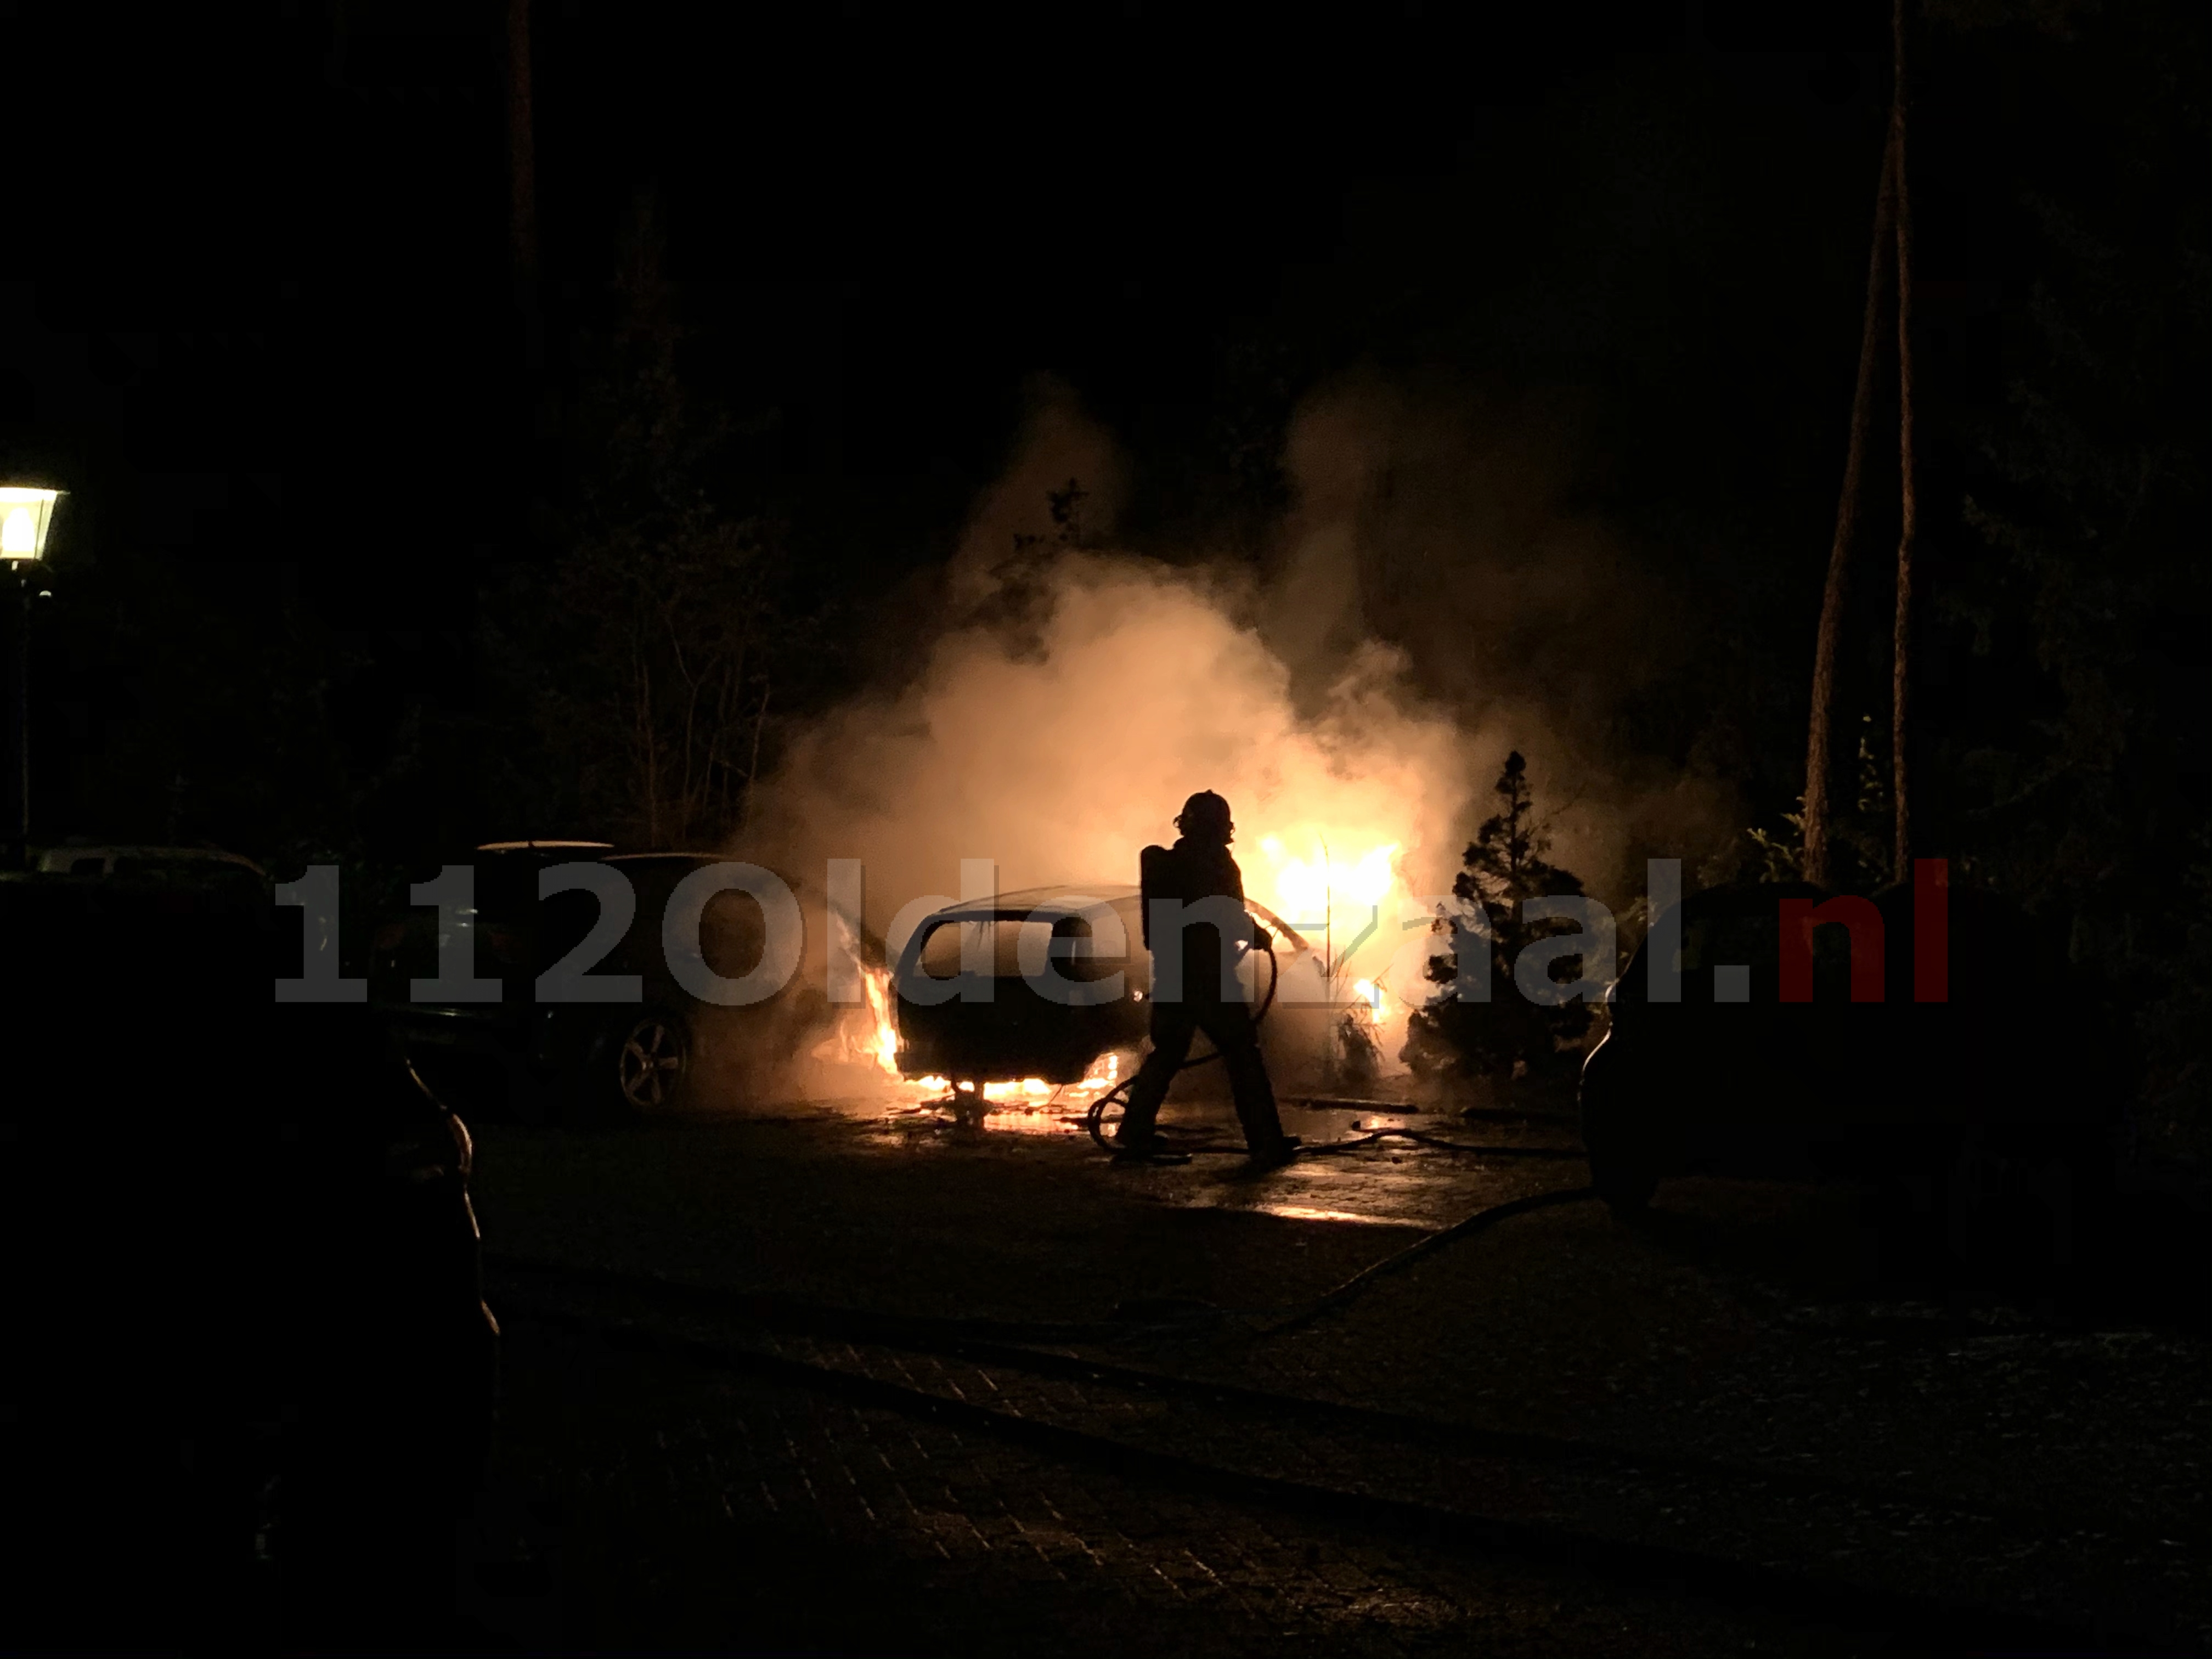 Twee auto's verwoest na brand op parkeerplaats Eureka; politie doet onderzoek